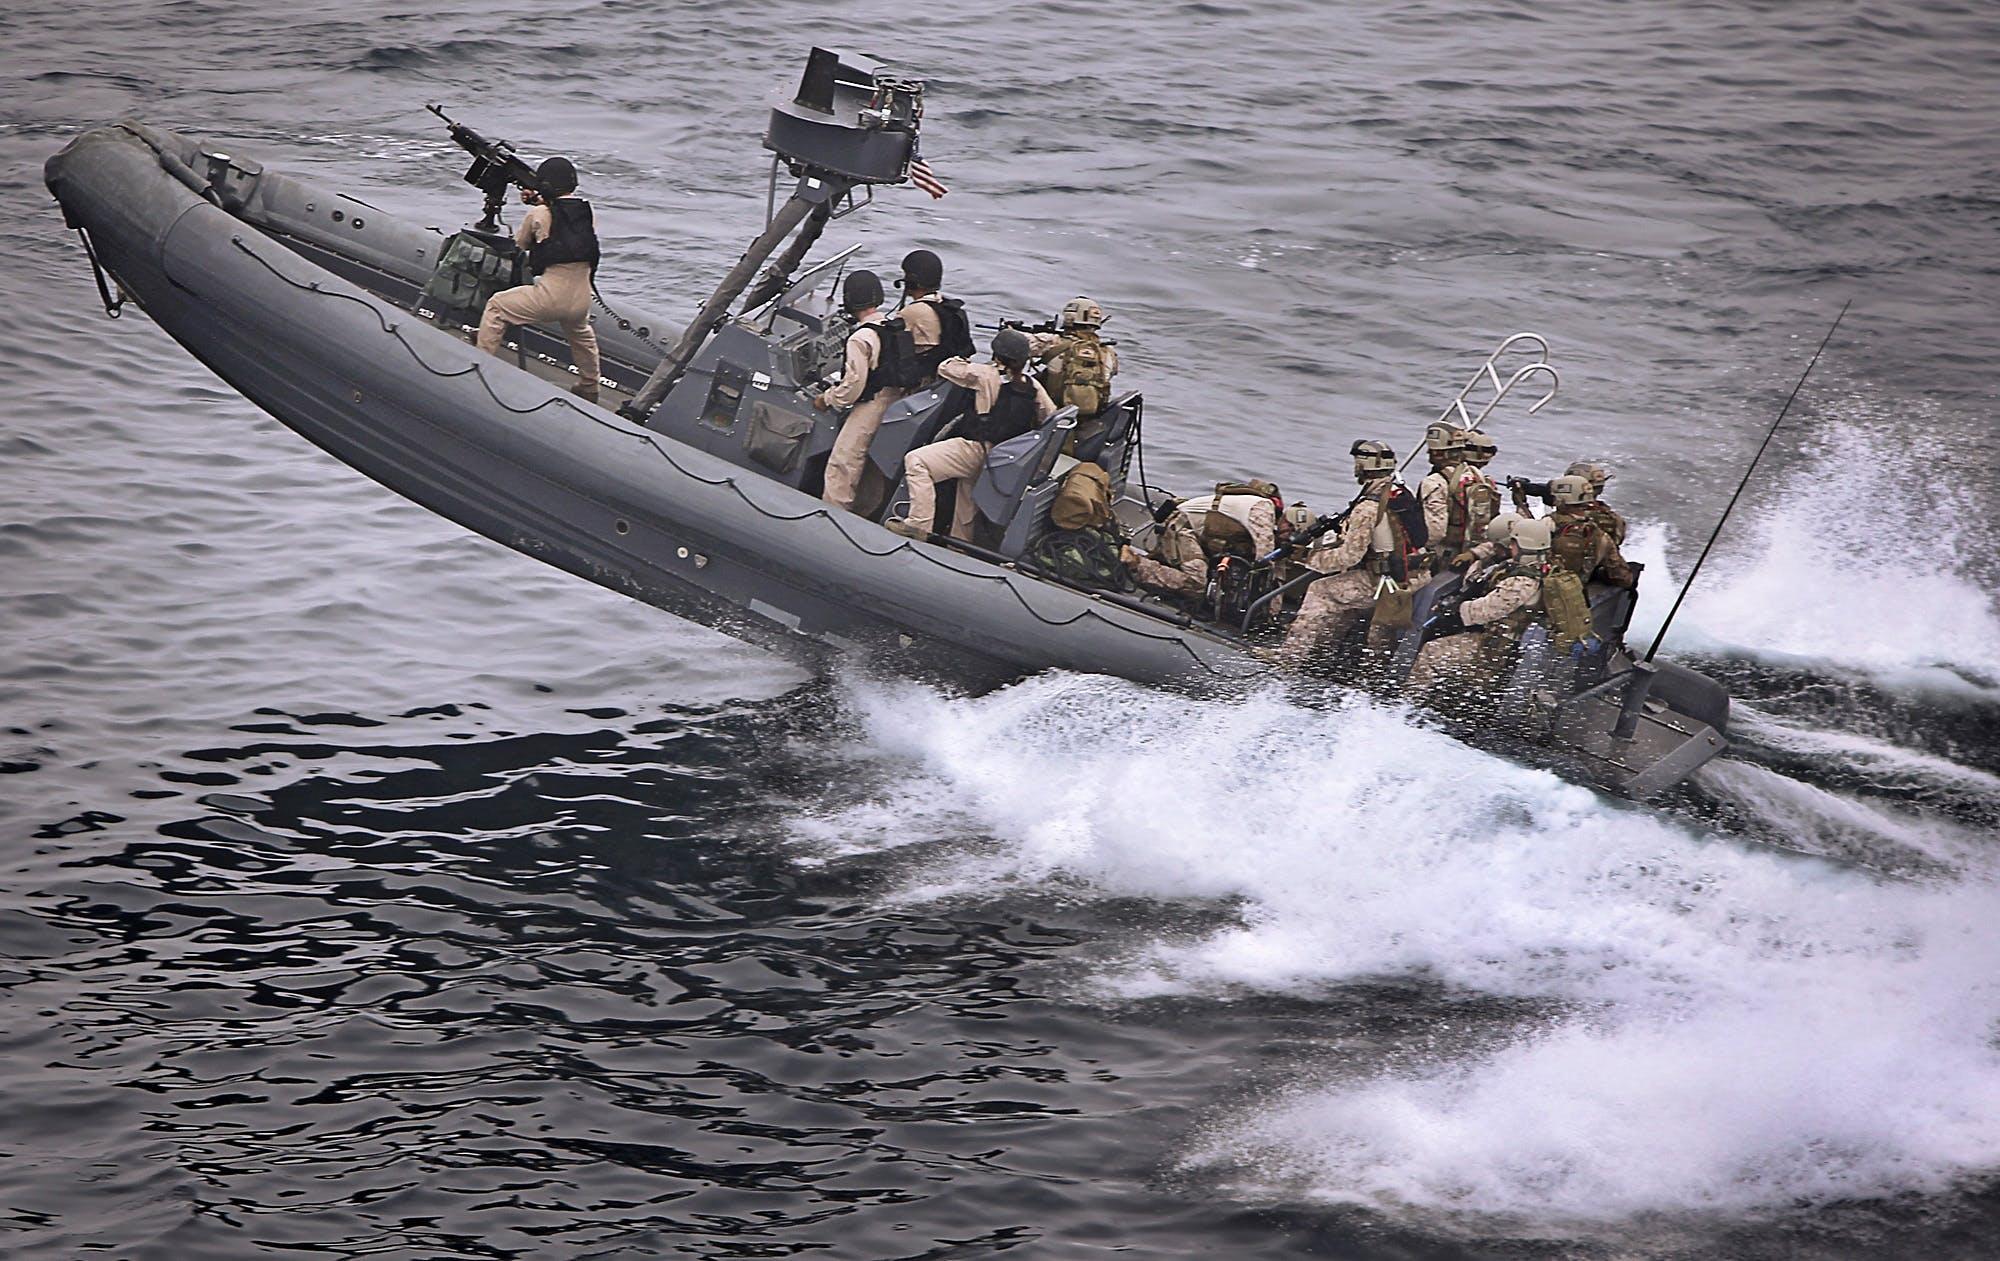 barco, barco da marinha, barco inflável